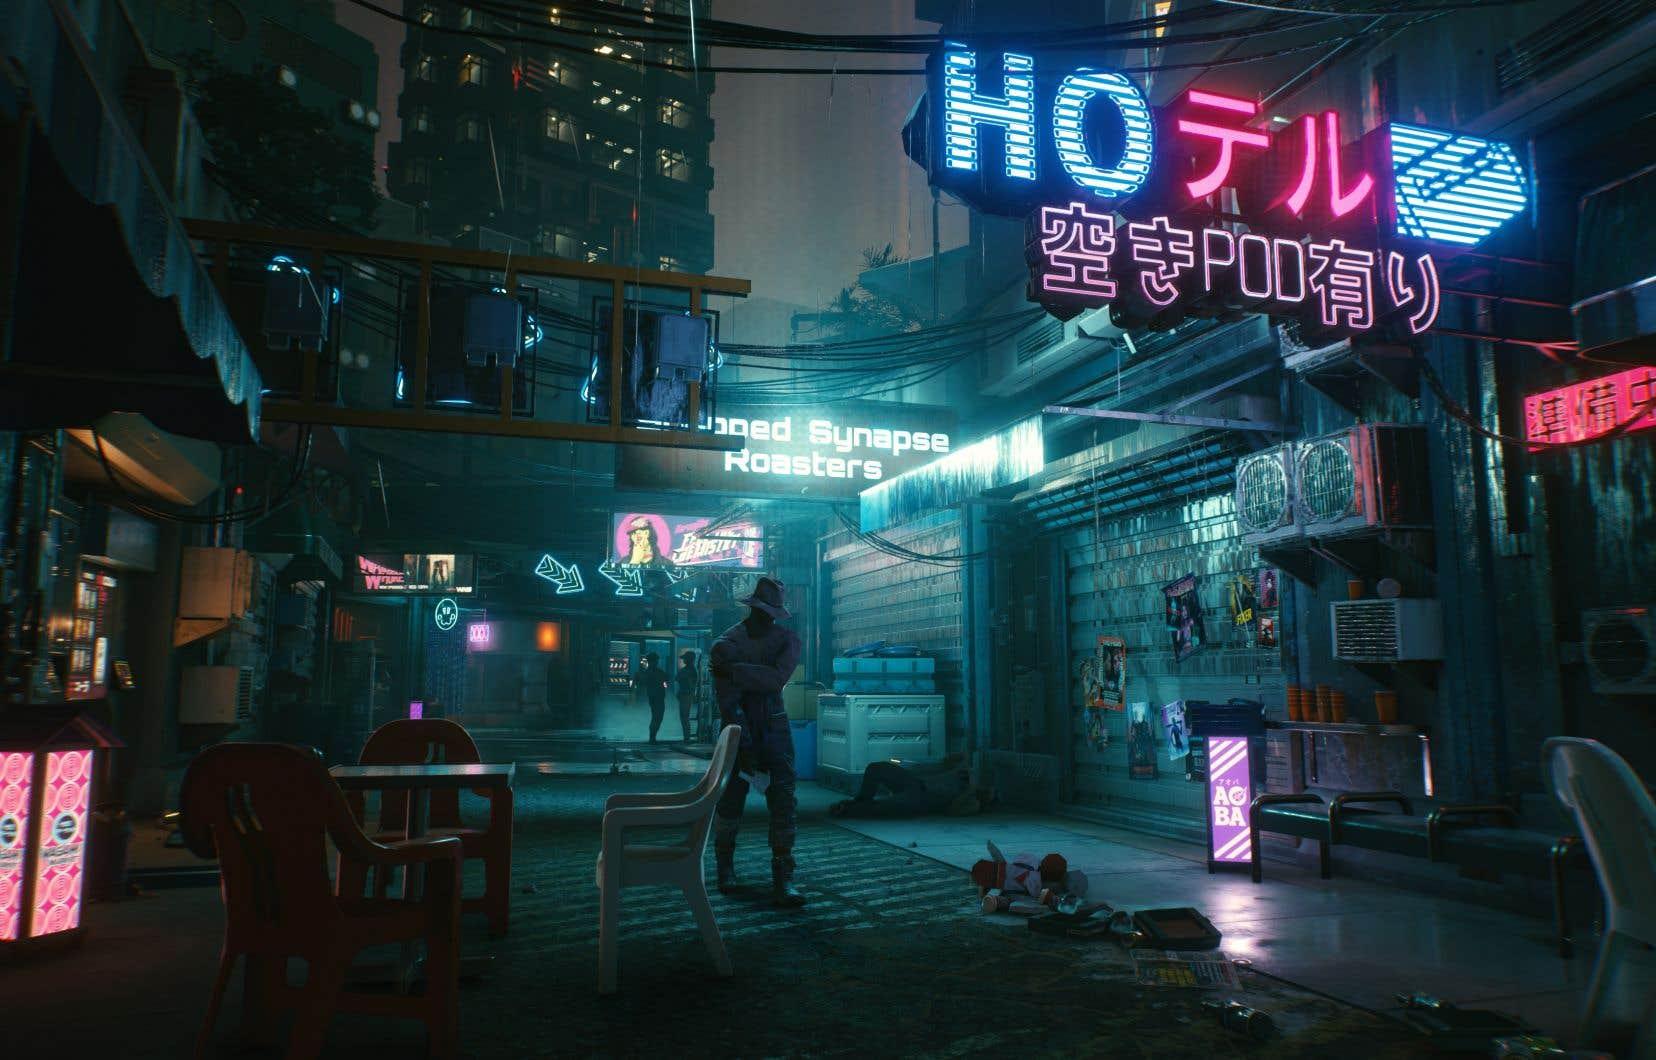 L'histoire se déroule dans Night City, une mégapole contrôlée par une poignée d'entreprises véreuses et dévastée par la pauvreté et des guerres de gangs endémiques. On adopte la perspective à la première personne de «V», un mercenaire dont on peut personnaliser la voix, l'apparence, le style et le passé.